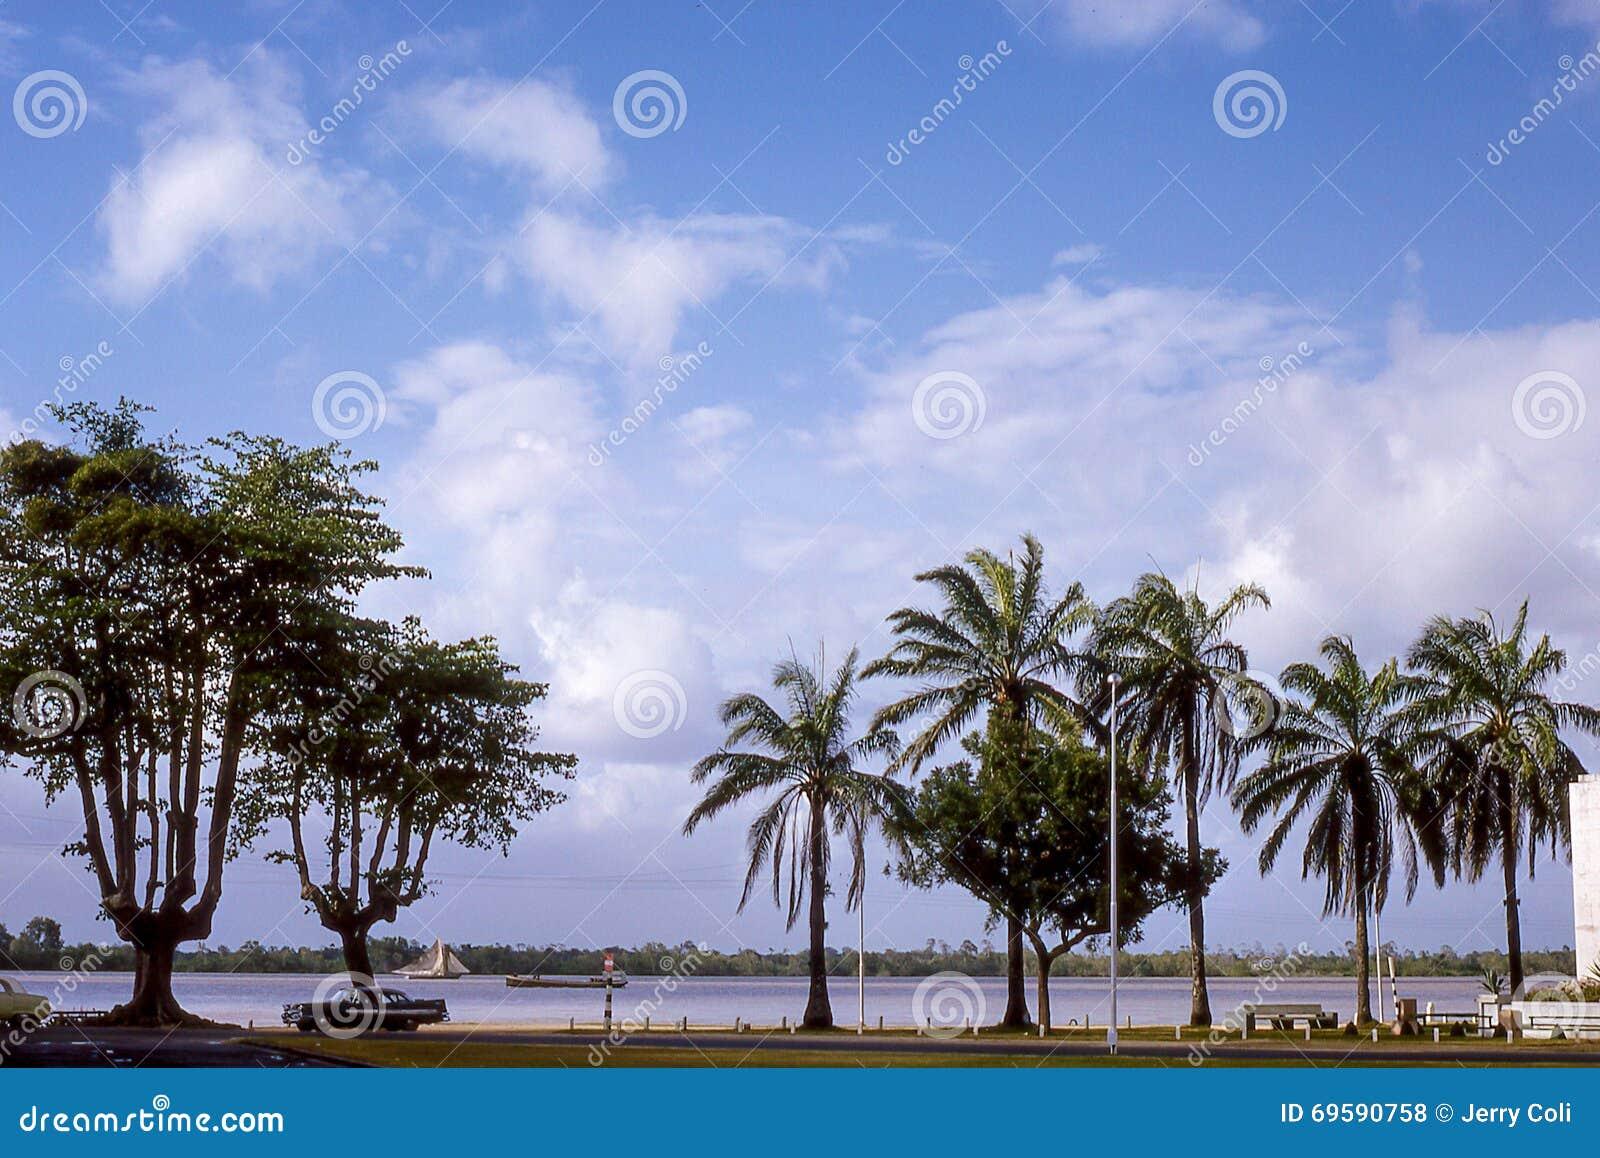 Vintage image of Paramaribo, Suriname.